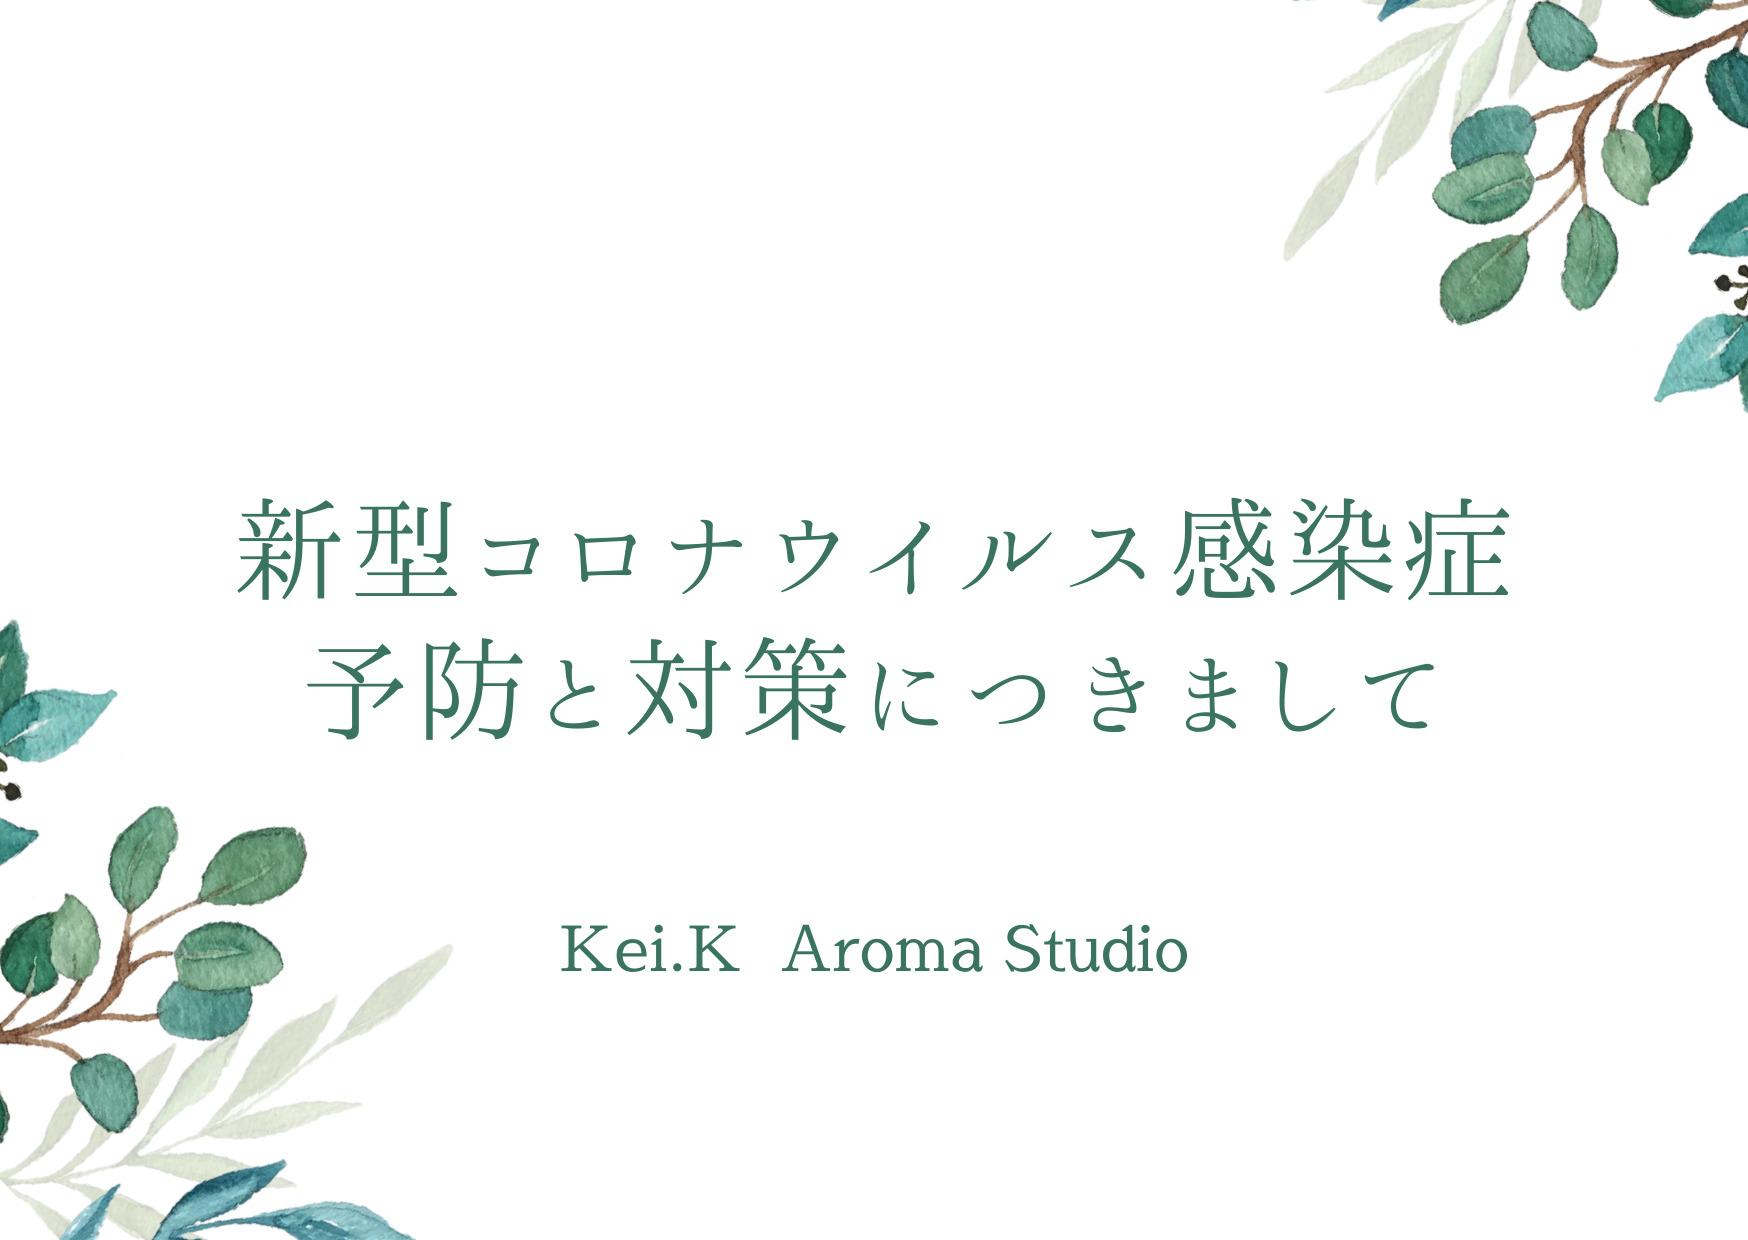 Kei.K Aroma Studio